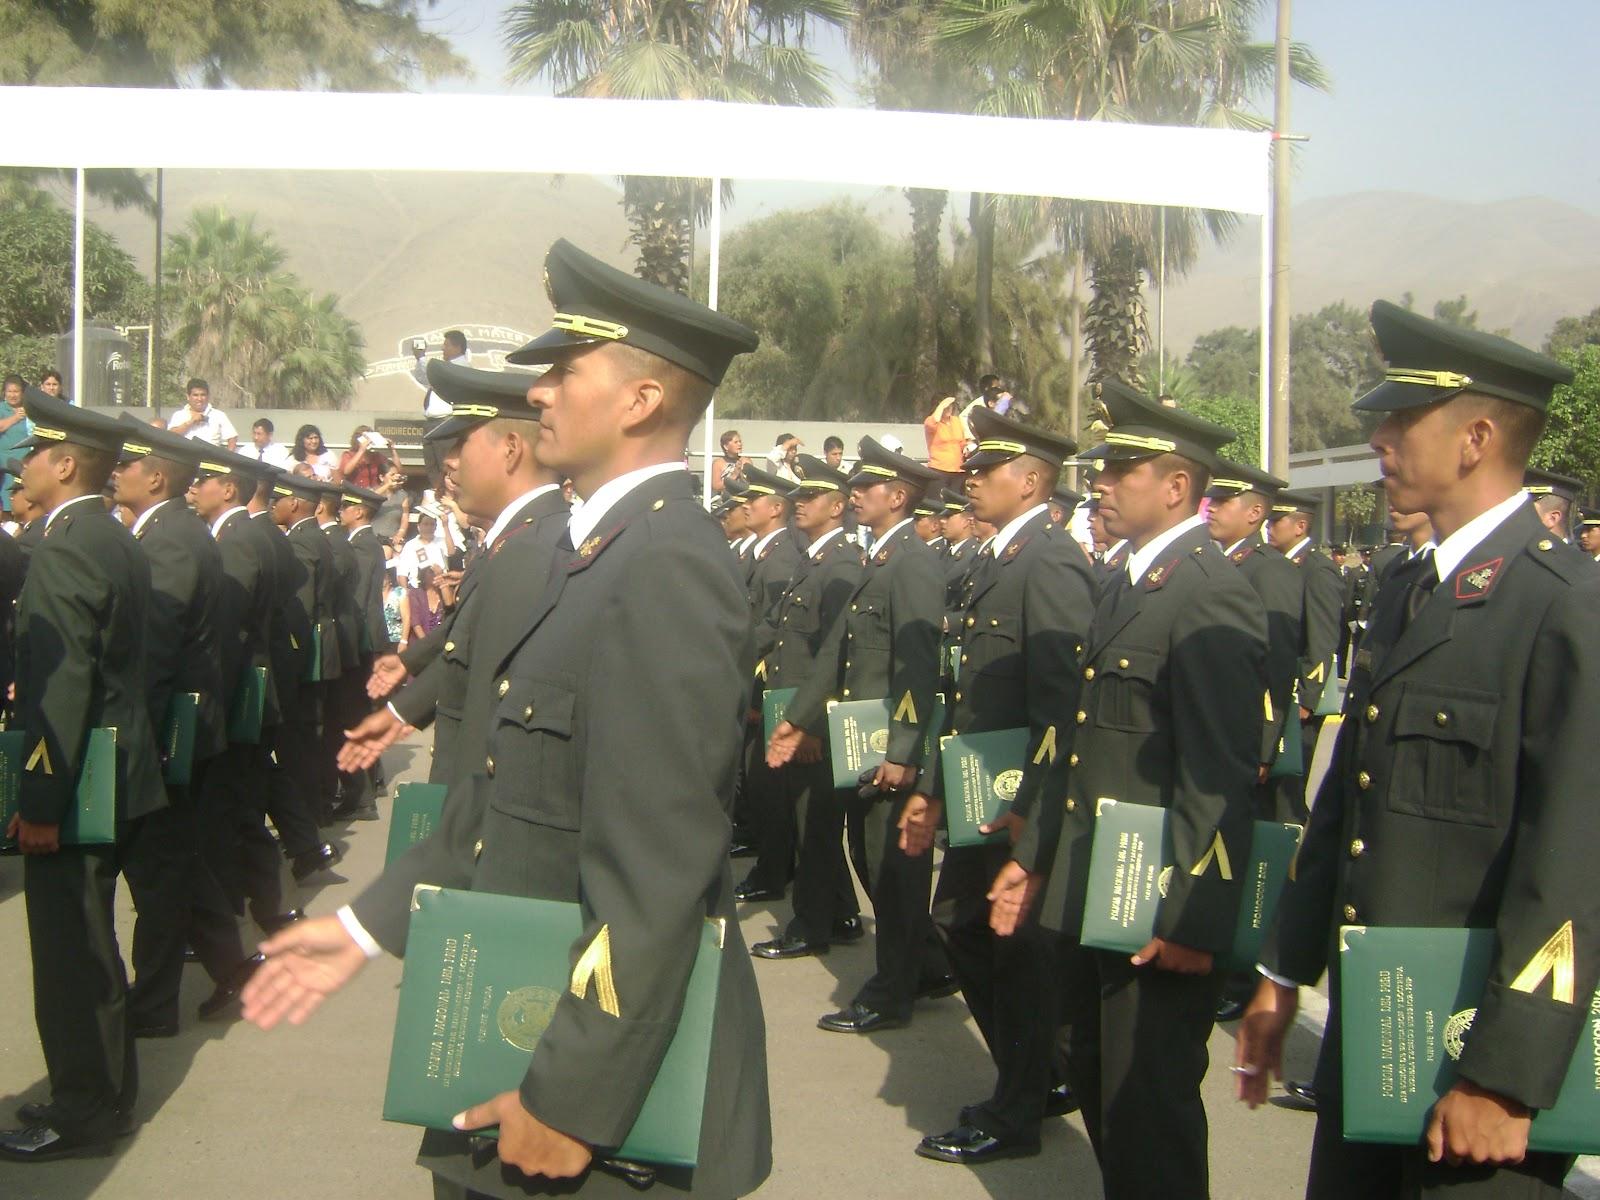 Alumnas de la escuela Técnico superior de San Bartolo Miraflores